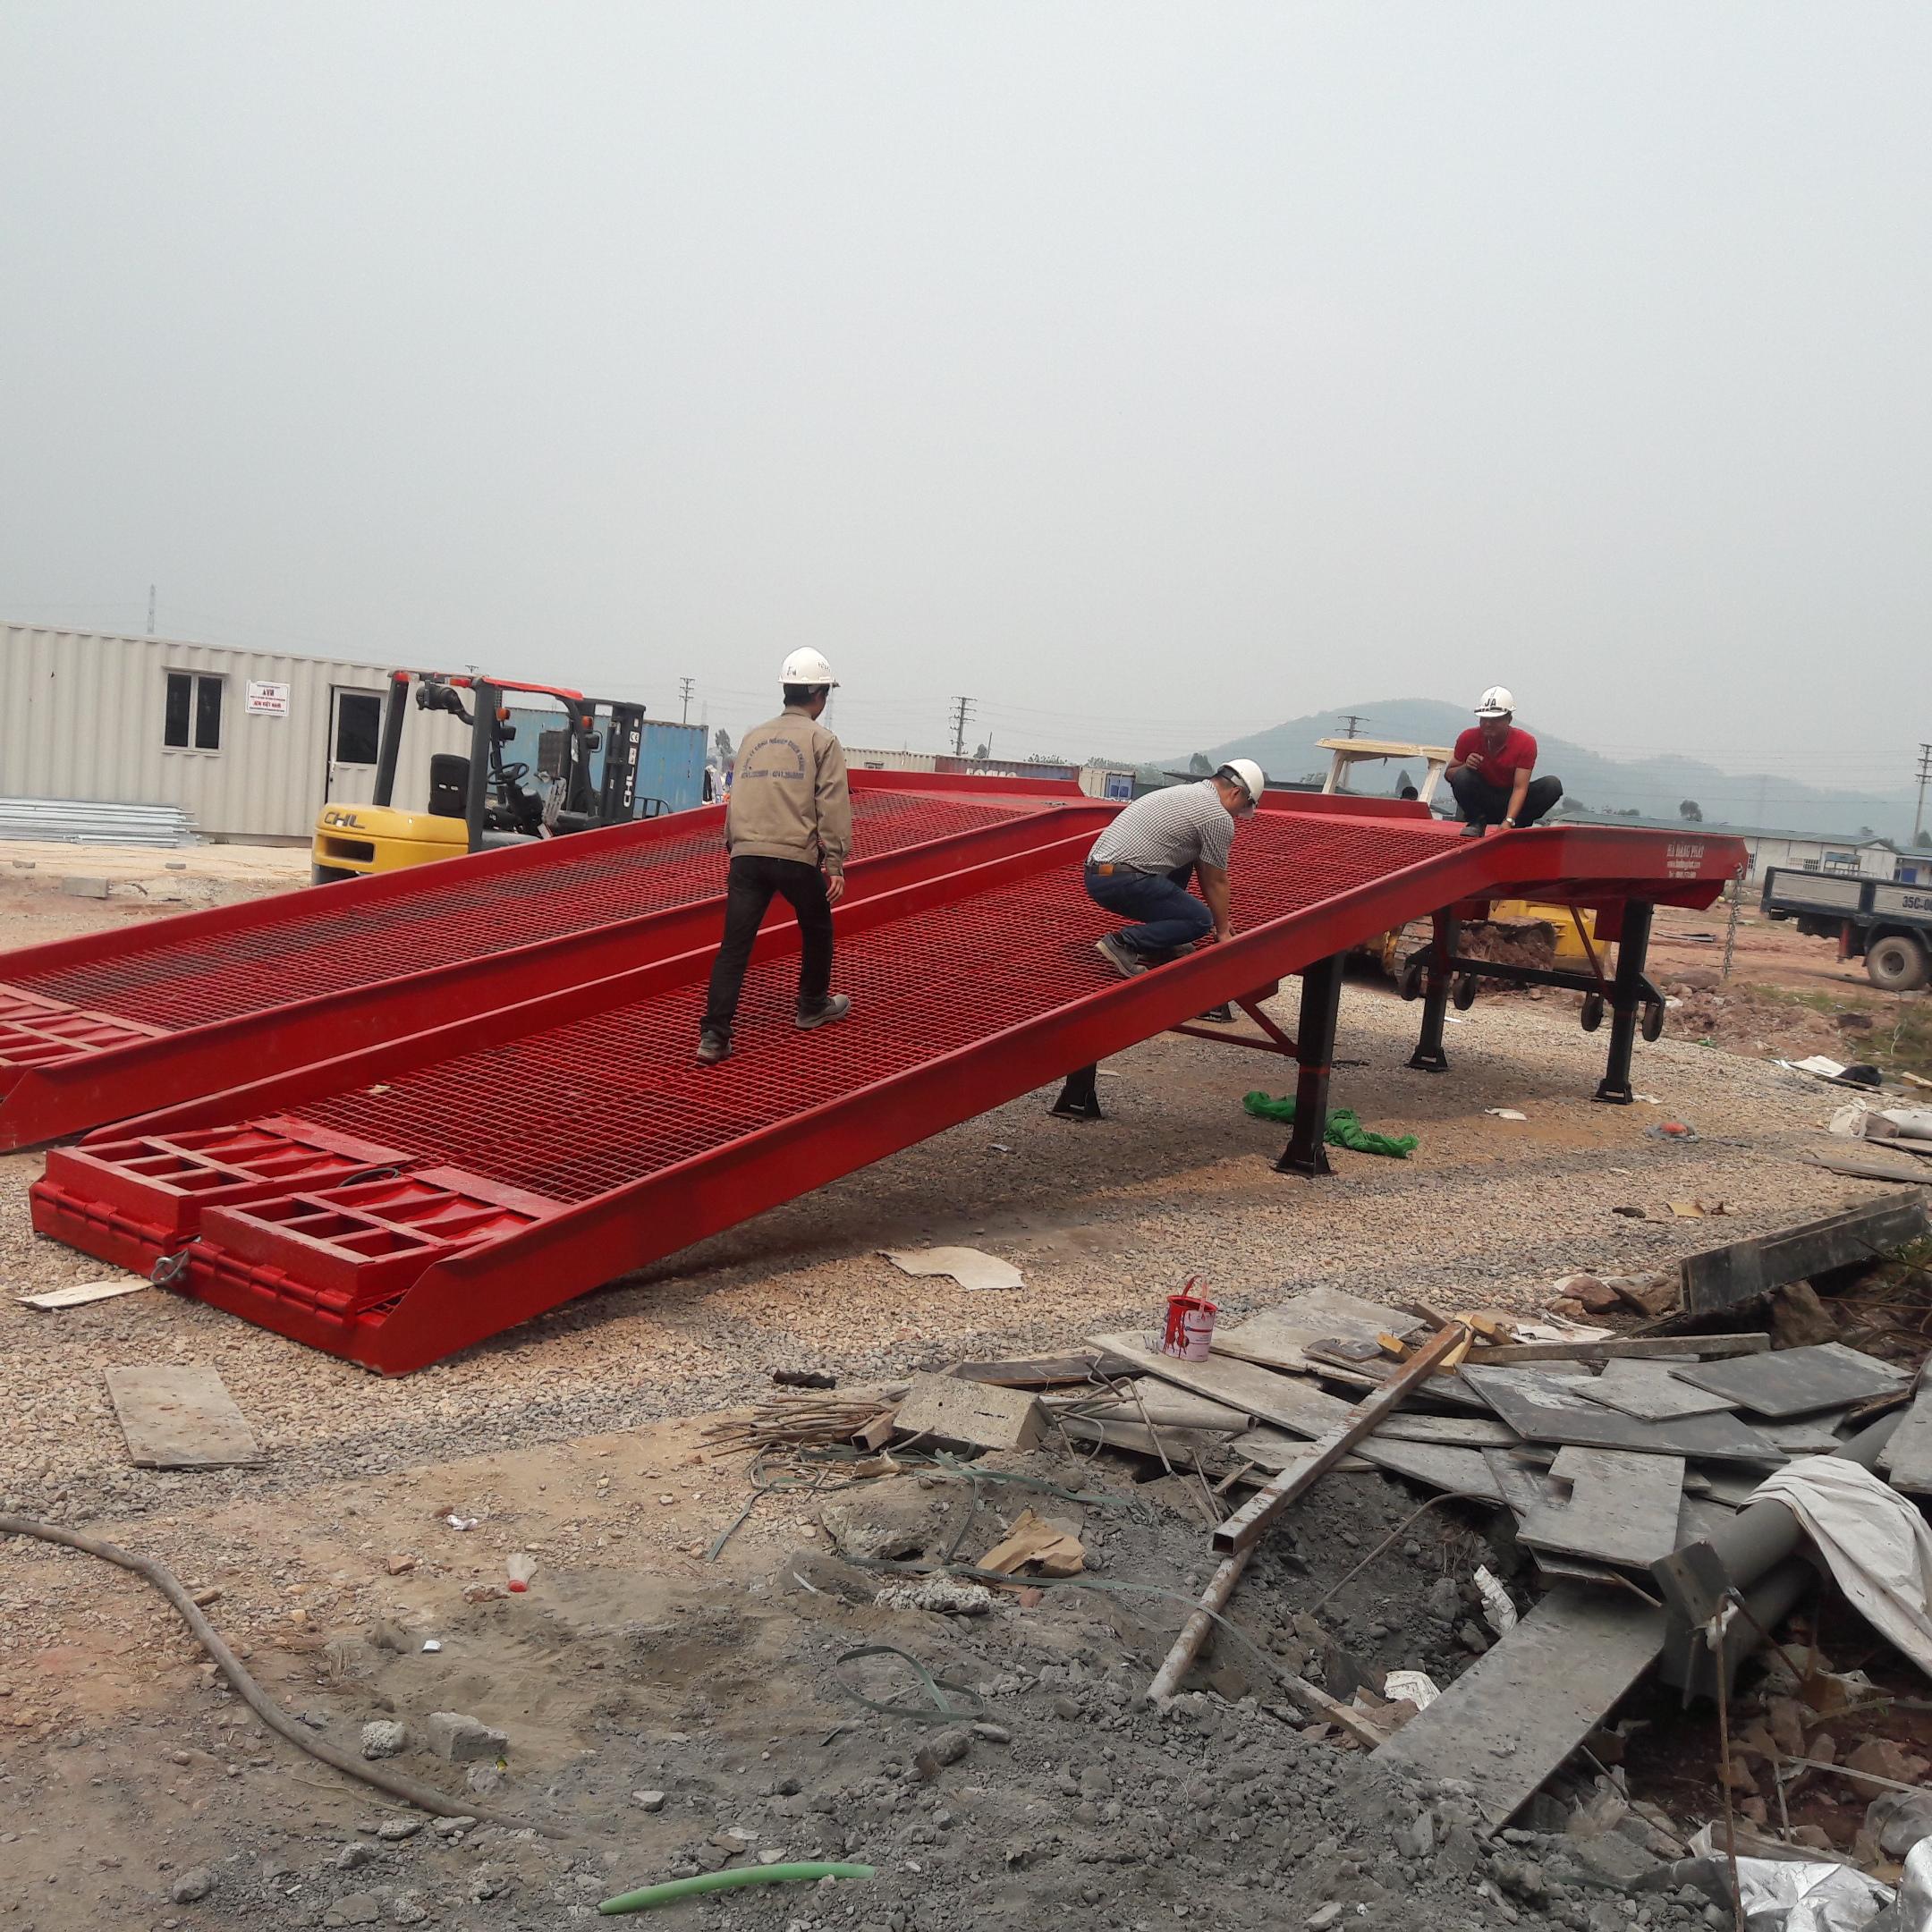 cầu lên Container sử dụng mặt sàn lưới Grating chống trượt